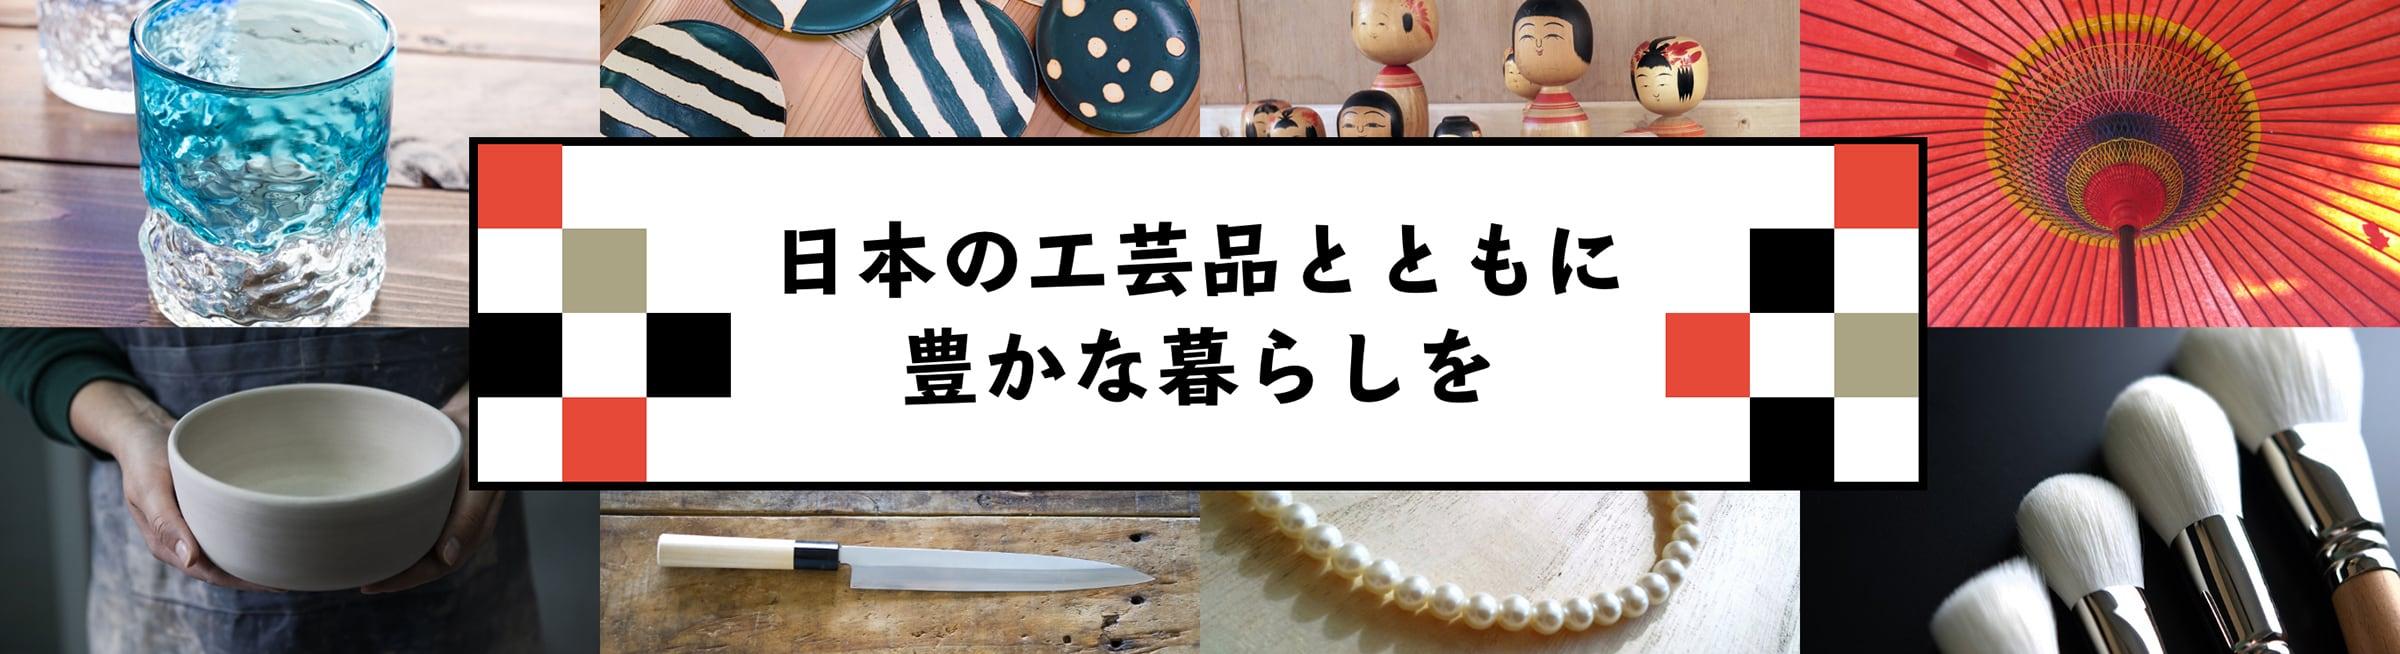 日本の工芸品とともに豊かな暮らしを